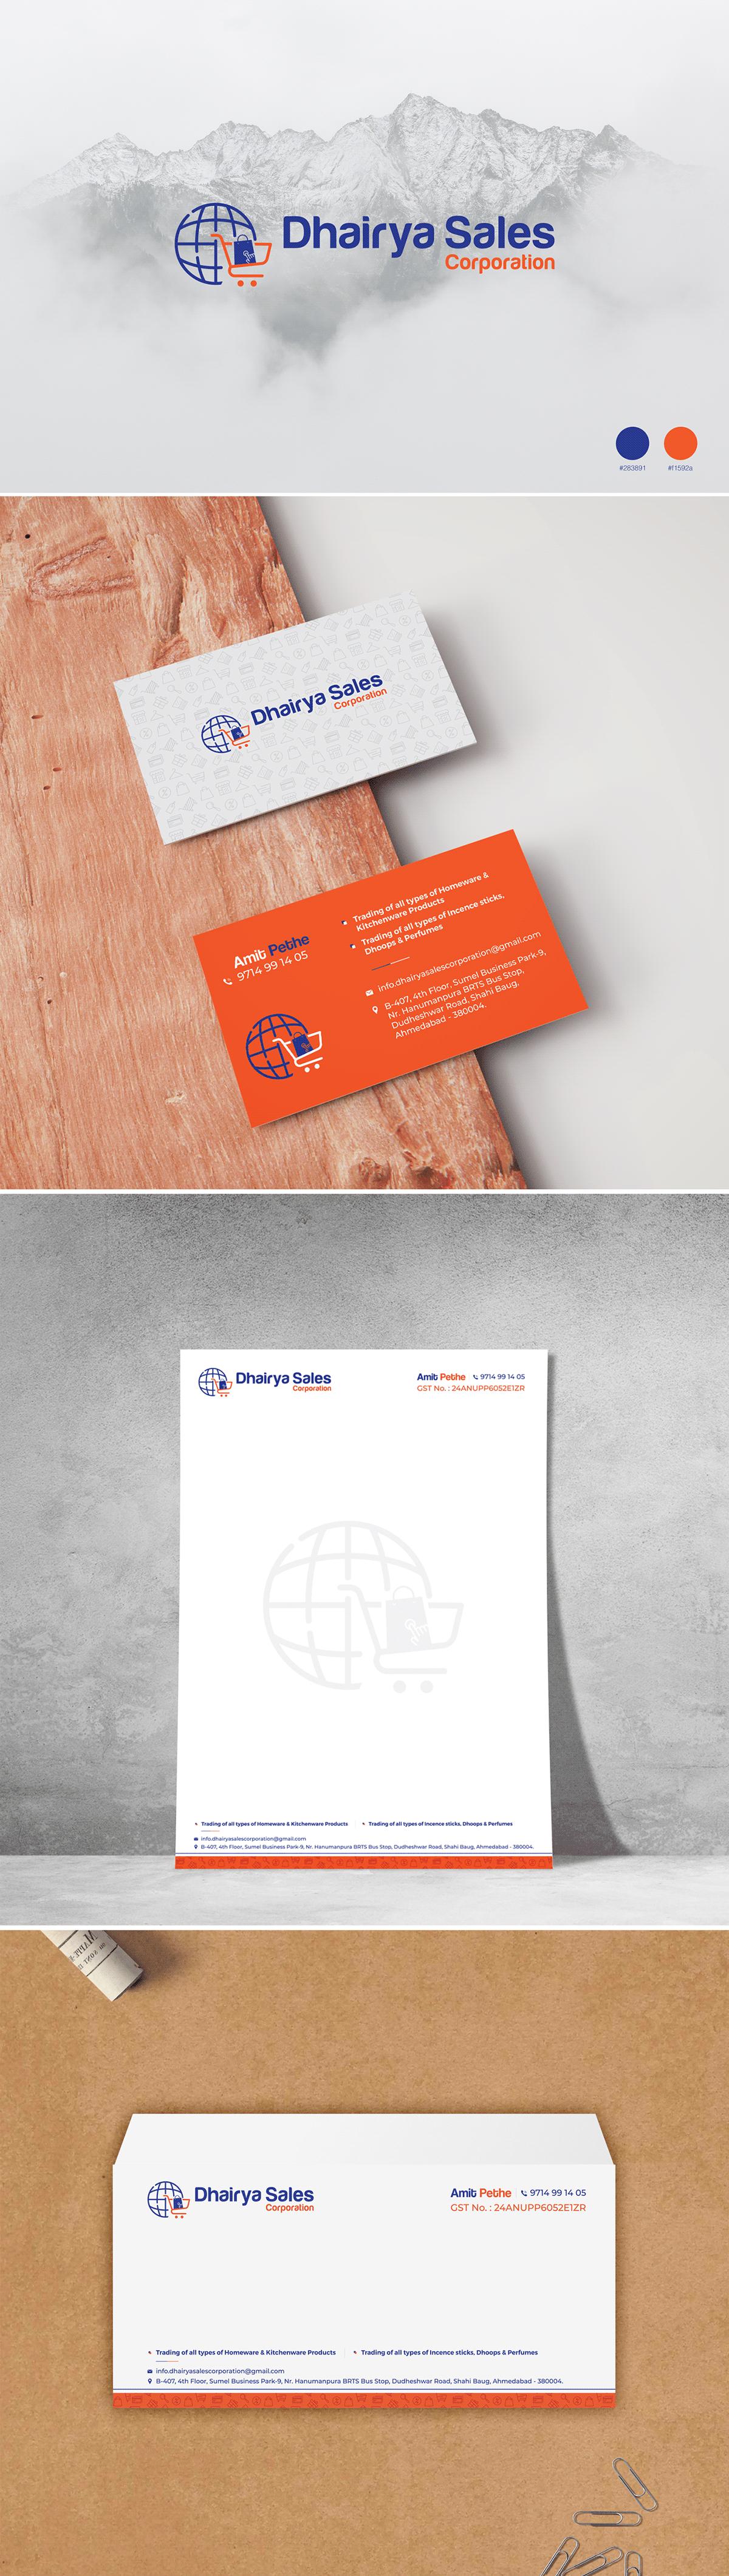 businesscarddesign envelopedesign letterheaddesign logodesign stationerydesign